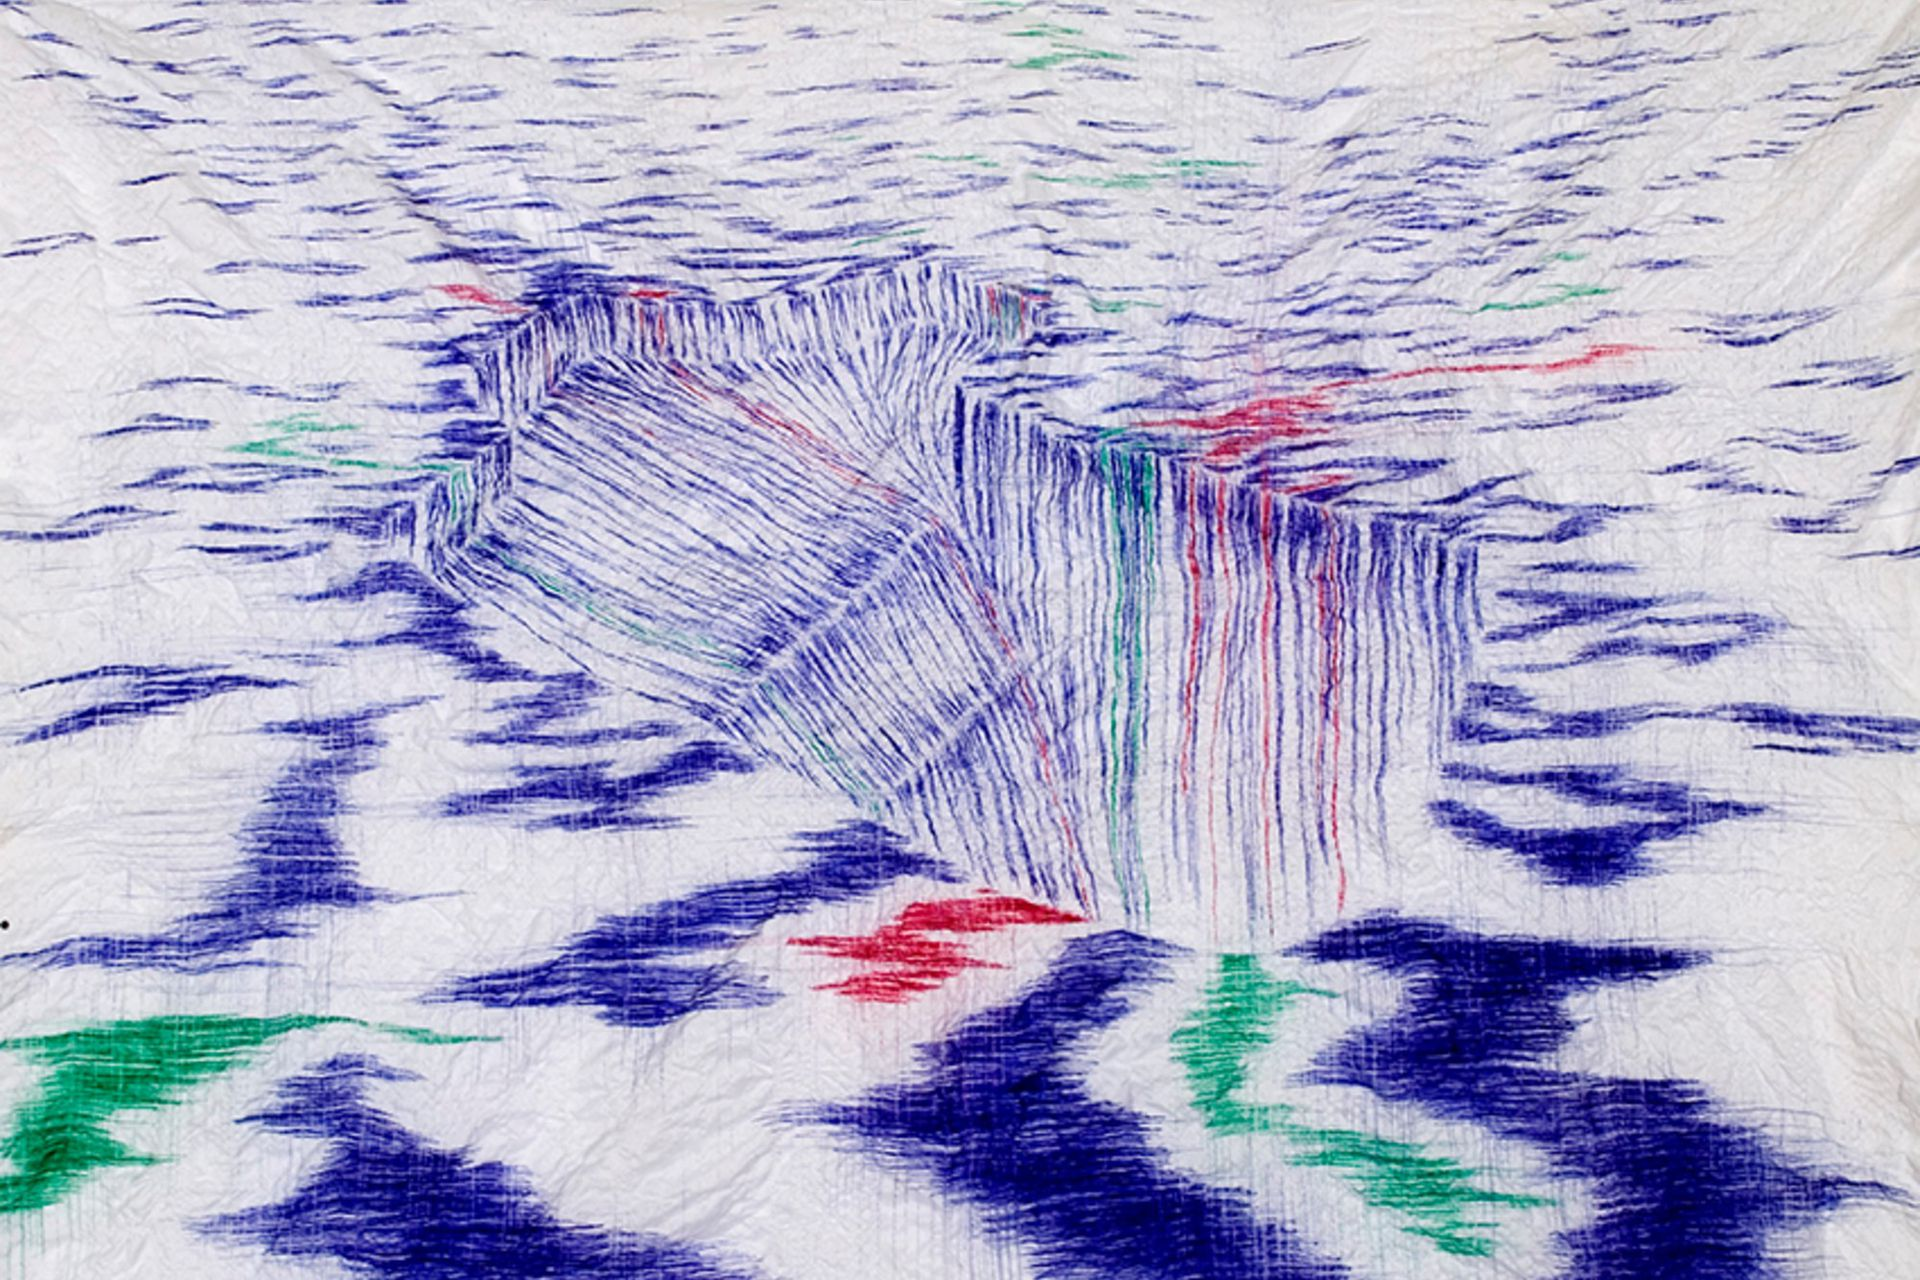 Sin título (2006), de Matías Duville. Se rematará con una base de 16.000 dólares